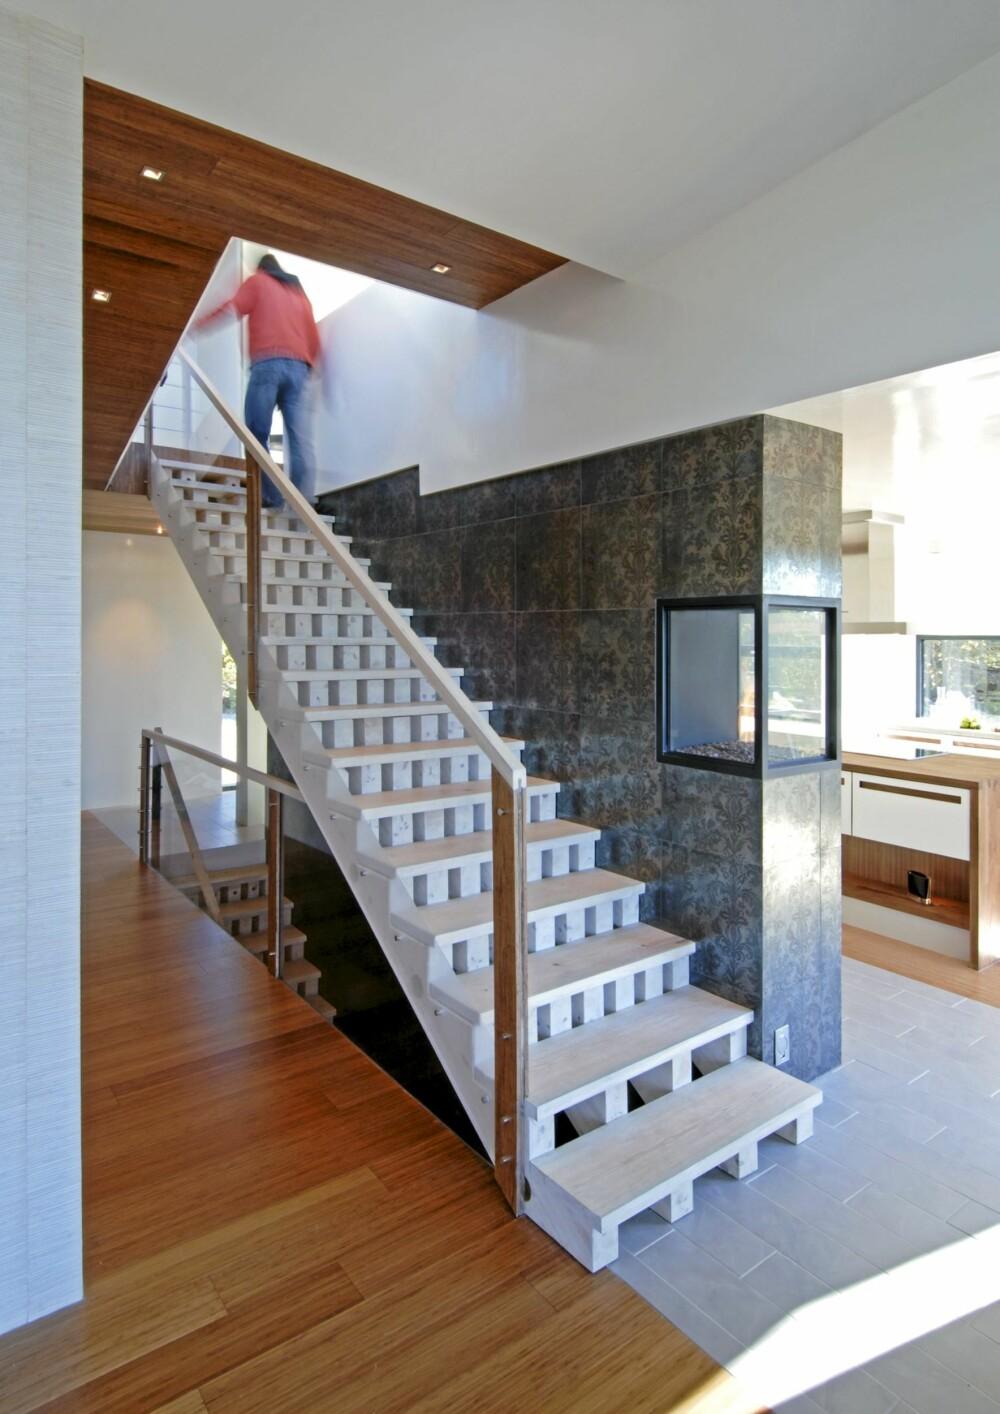 FULL ÅPNING AV FULL TANK: Trappekonstruksjone med treklosser mellom trinnene åpner for at lyset kan stømme langt inn i huset. Gulv av slitesterk bambus.